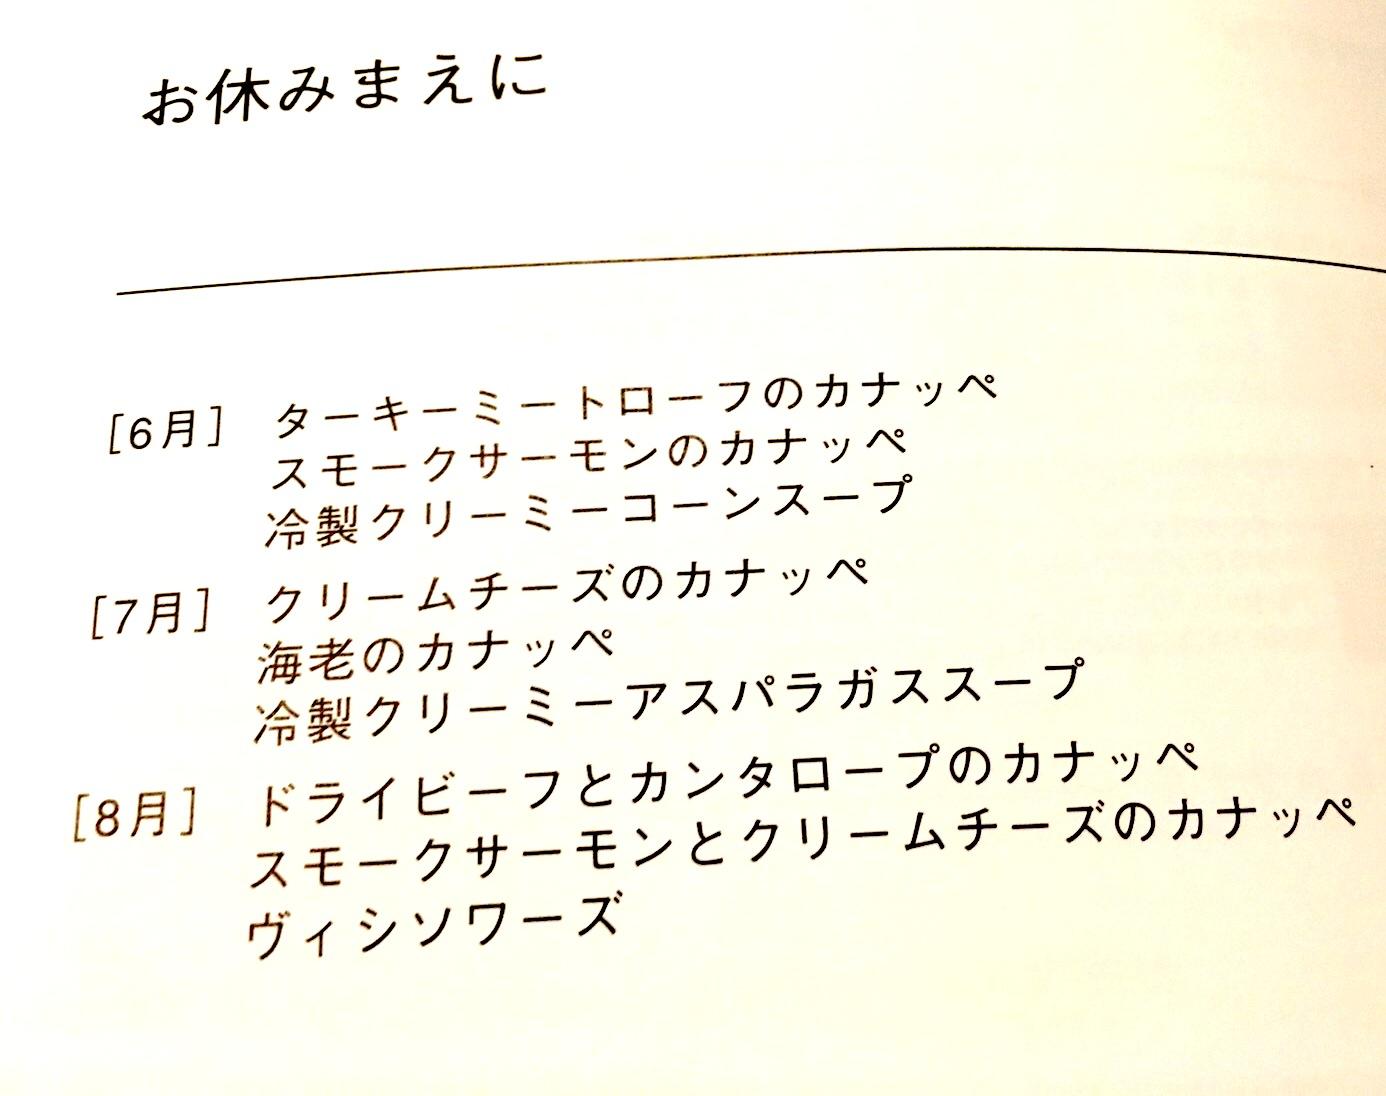 JAL-ビジネスクラス-メニュー-1